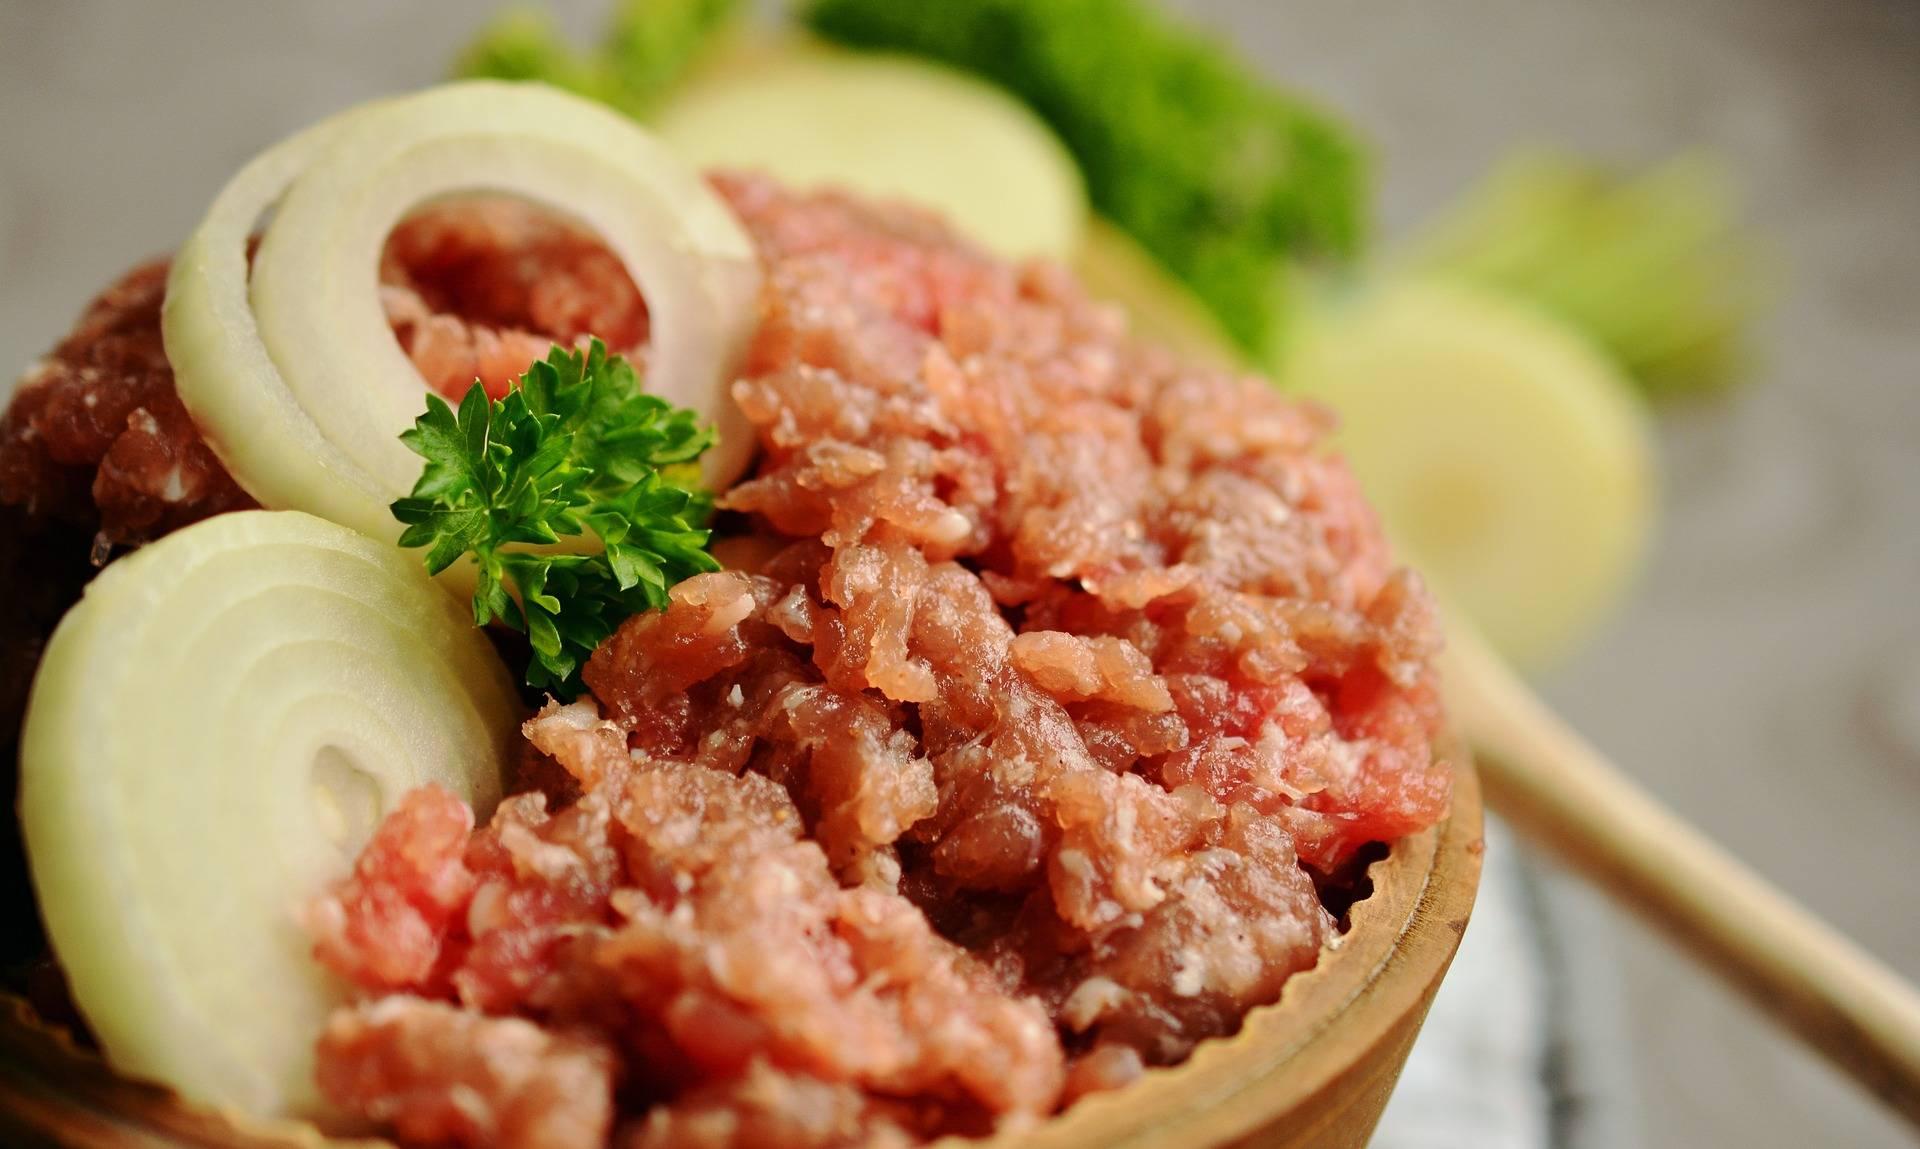 Haltbarkeit Hackfleisch Wie Lange Ist Hackfleisch Haltbar